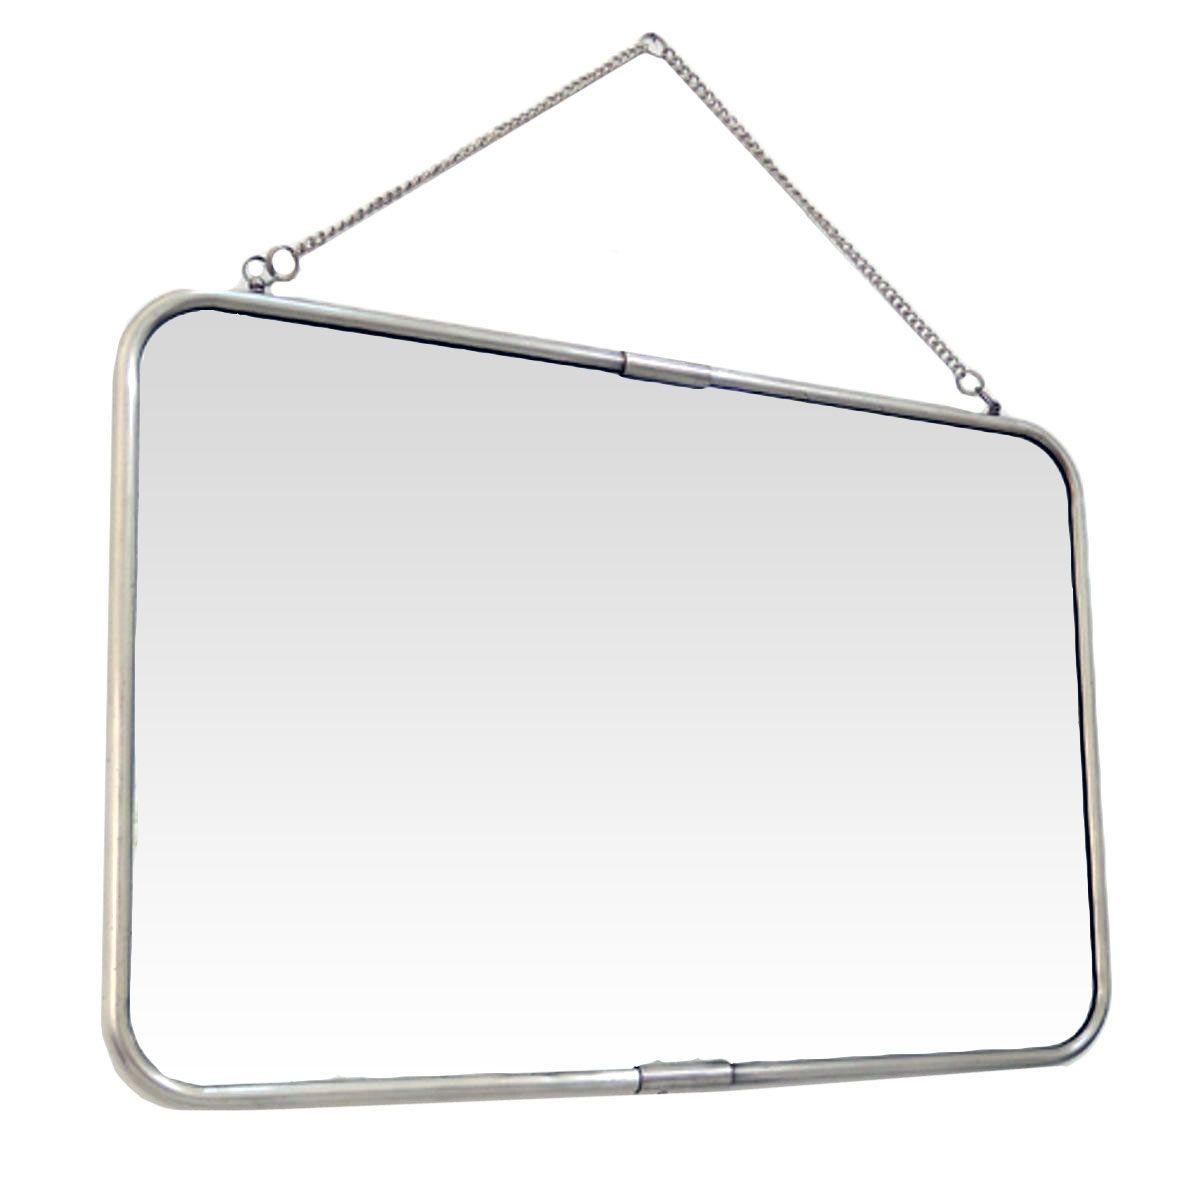 Miroir de barbier avec chaîne argent 40x57